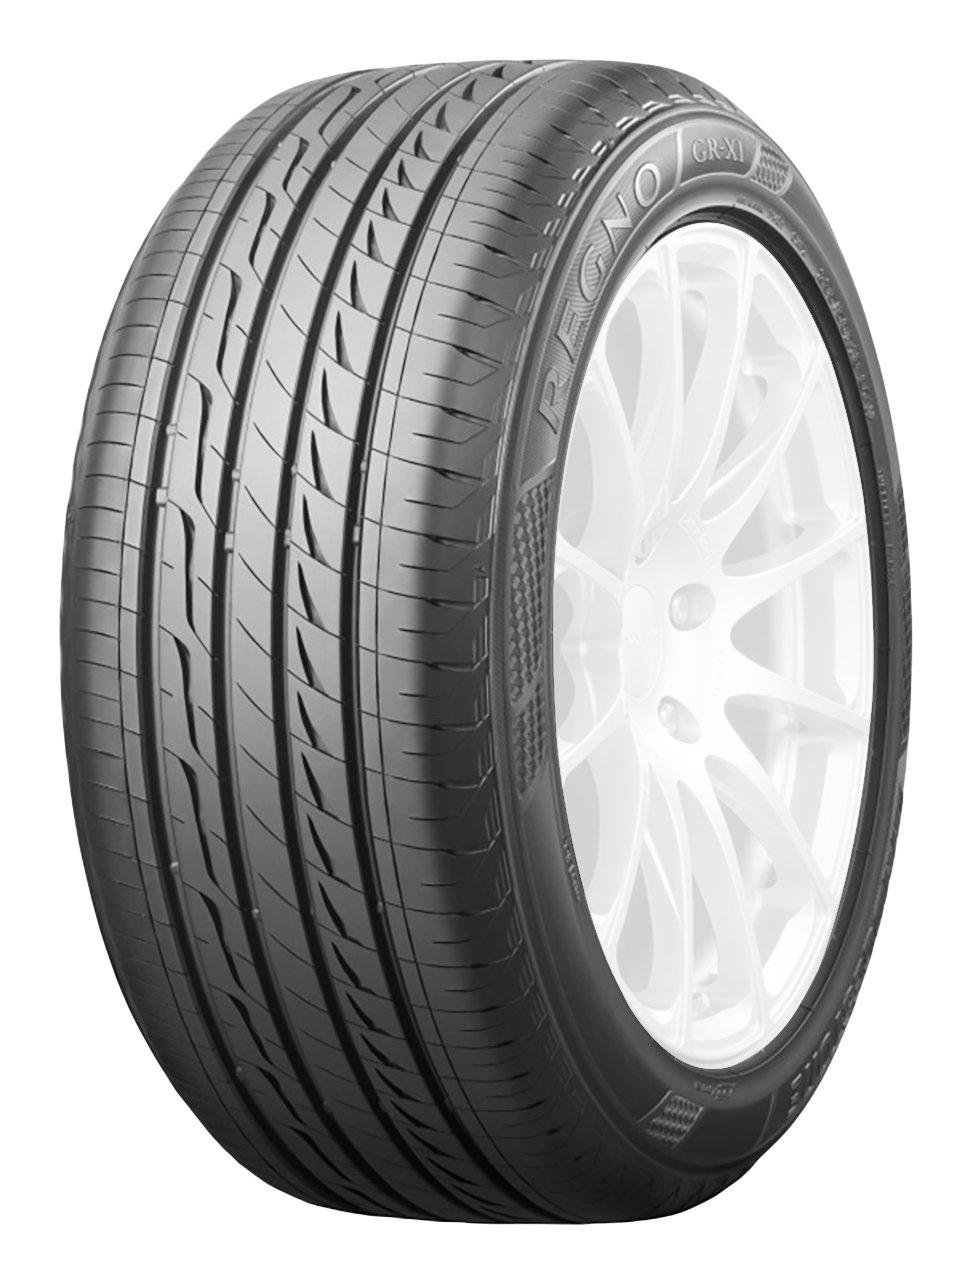 ブリヂストン(BRIDGESTONE) 低燃費タイヤ REGNO GR-XI 215/45R18 89W B013HR4OFY